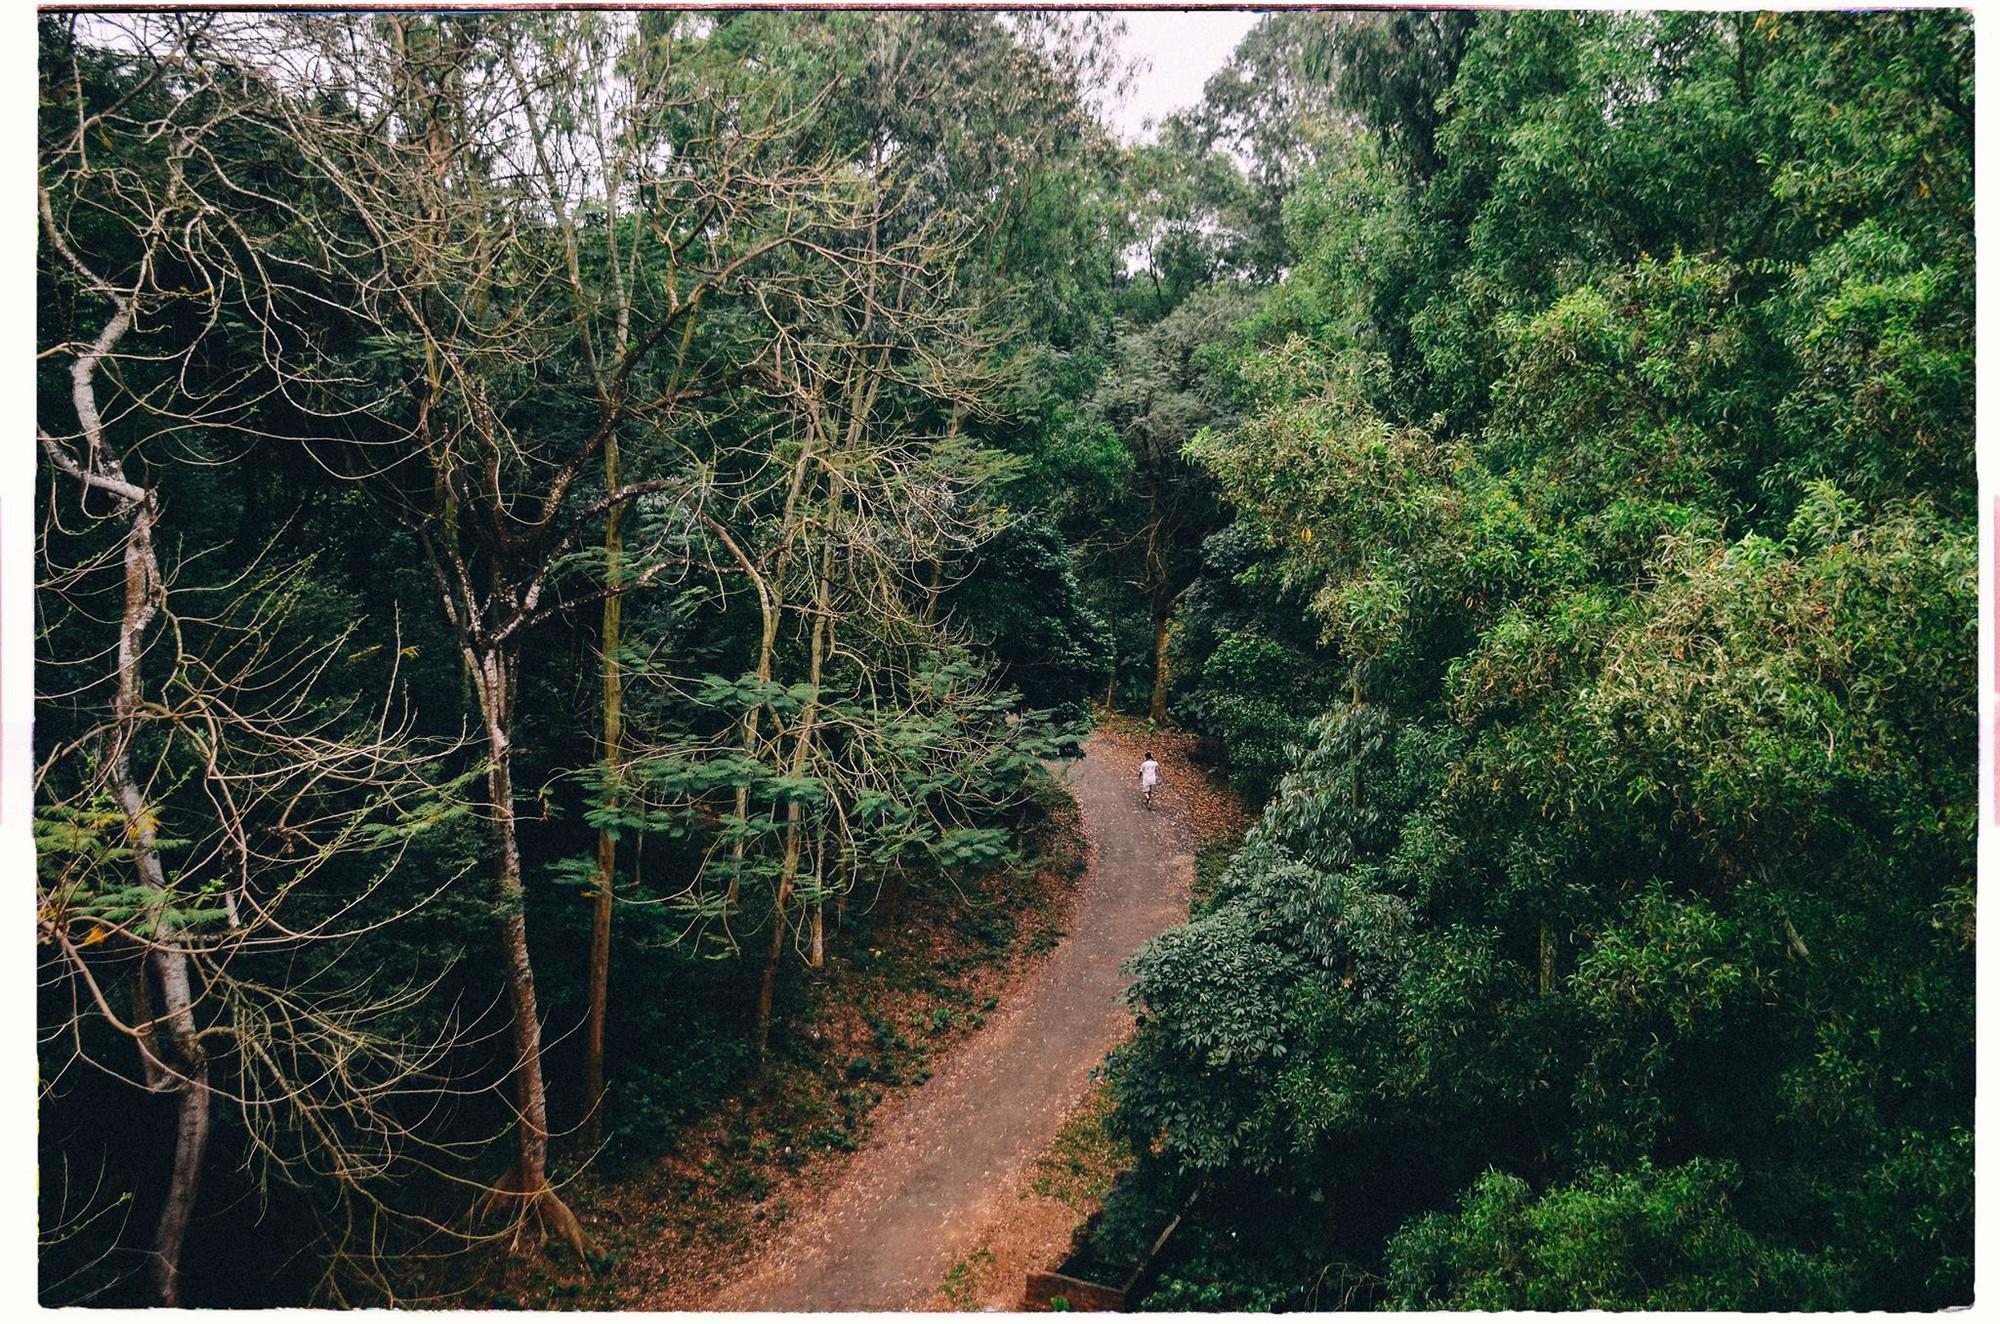 Đây là Đại học duy nhất ở Việt Nam có 1 khu rừng tuyệt đẹp ngay trong khuôn viên trường, tha hồ sống ảo - Ảnh 1.